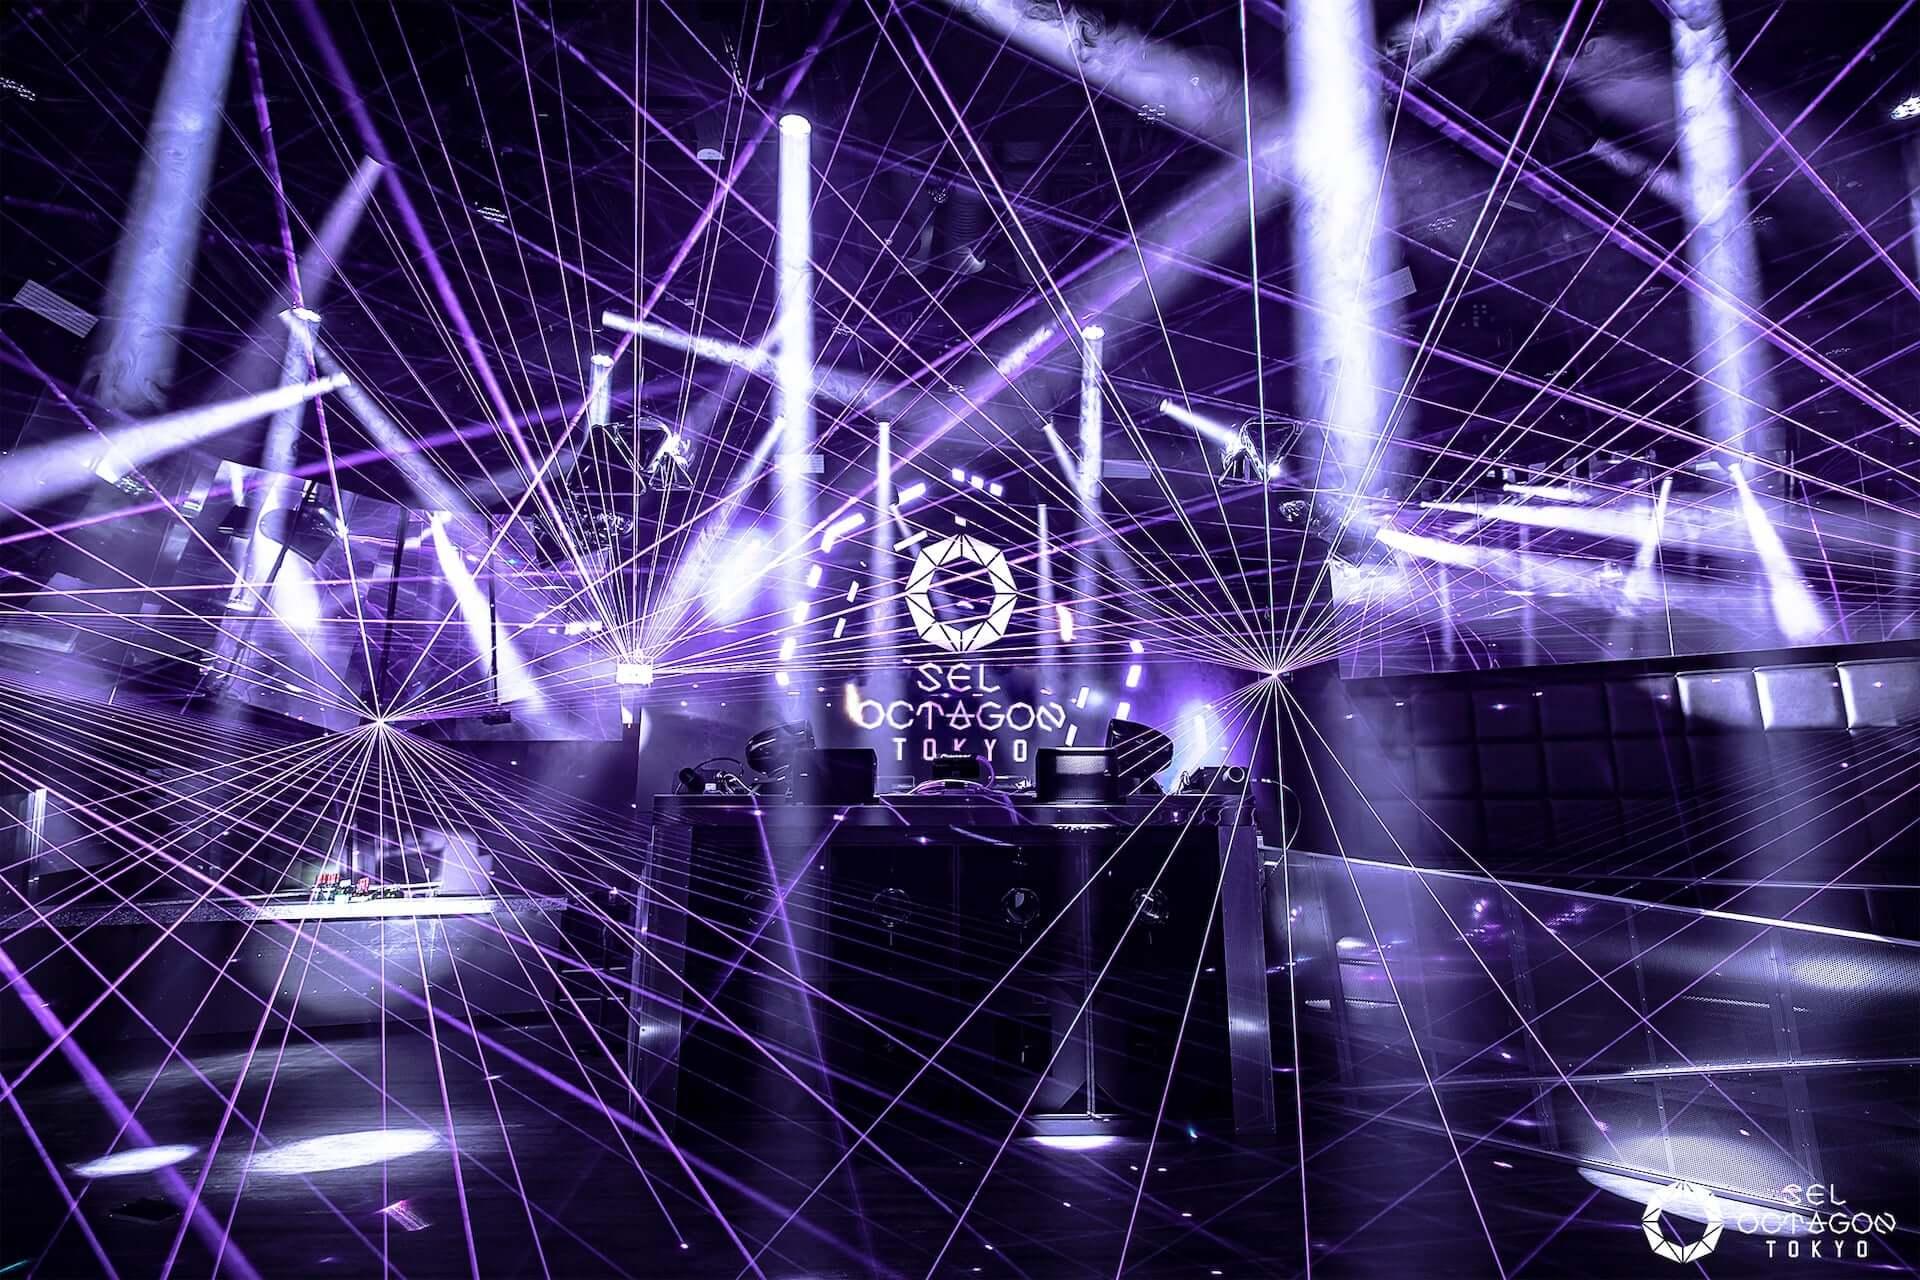 六本木SEL OCTAGON TOKYOが祝1周年!アニバーサリー・パーティーにLost Frequencies、MAKIDAI、SODAらが出演決定 music200212_seloctagon_1-1-1920x1280